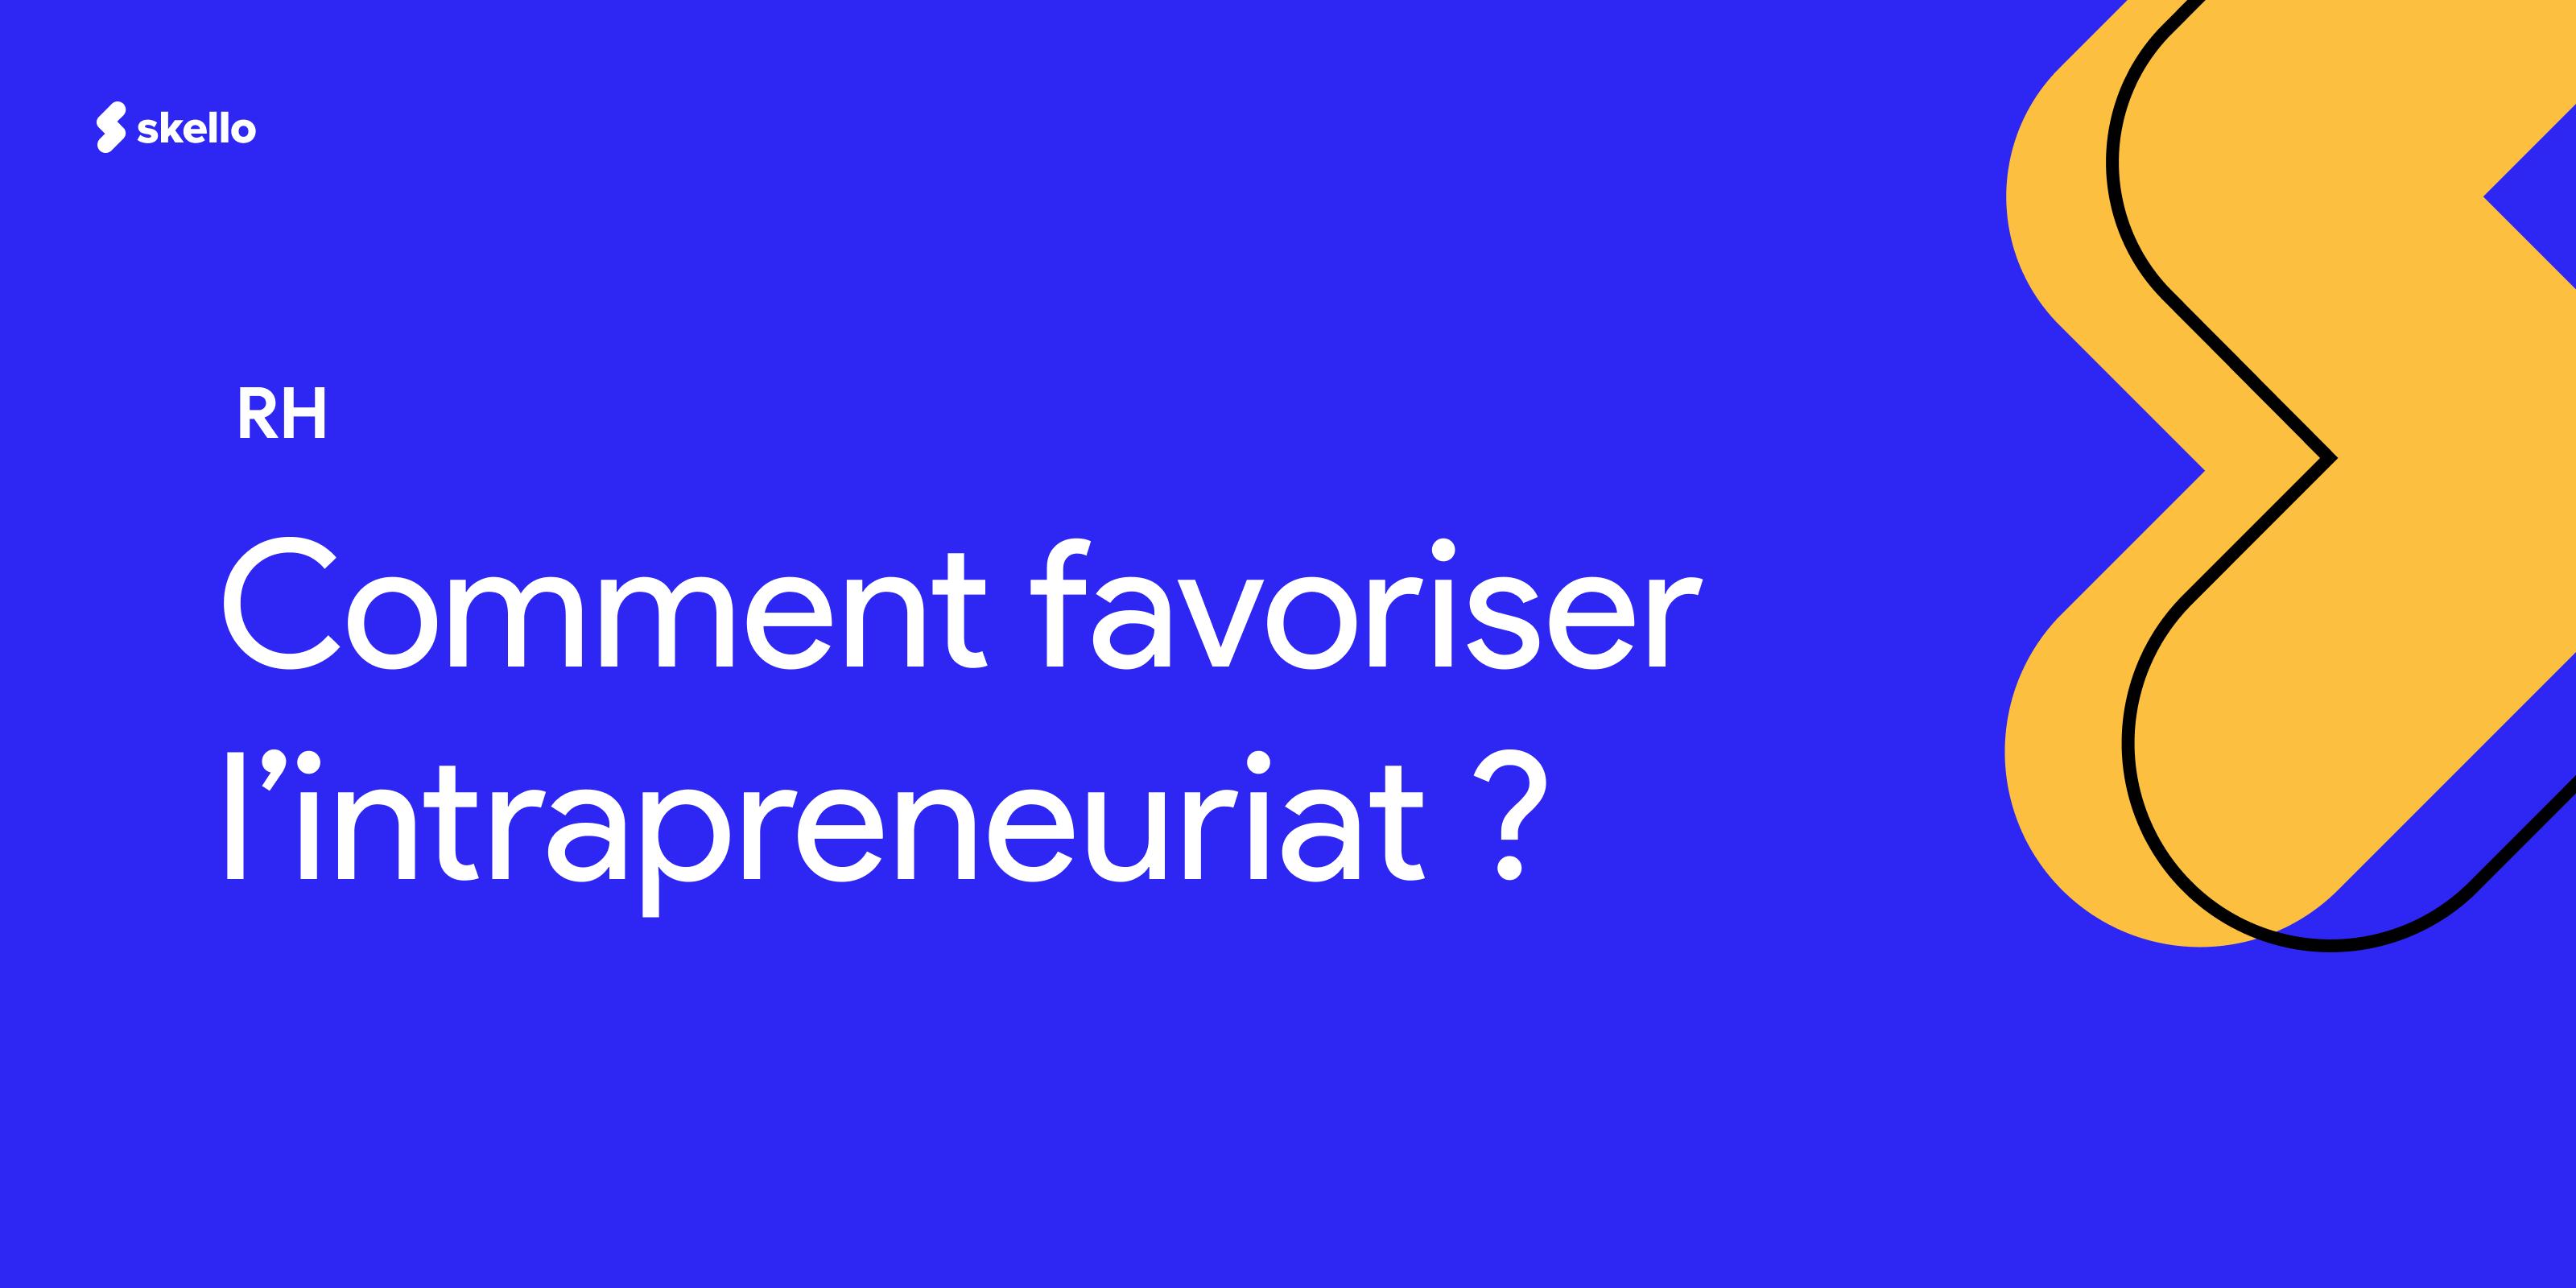 Comment favoriser l'intrapreneuriat dans son établissement ?